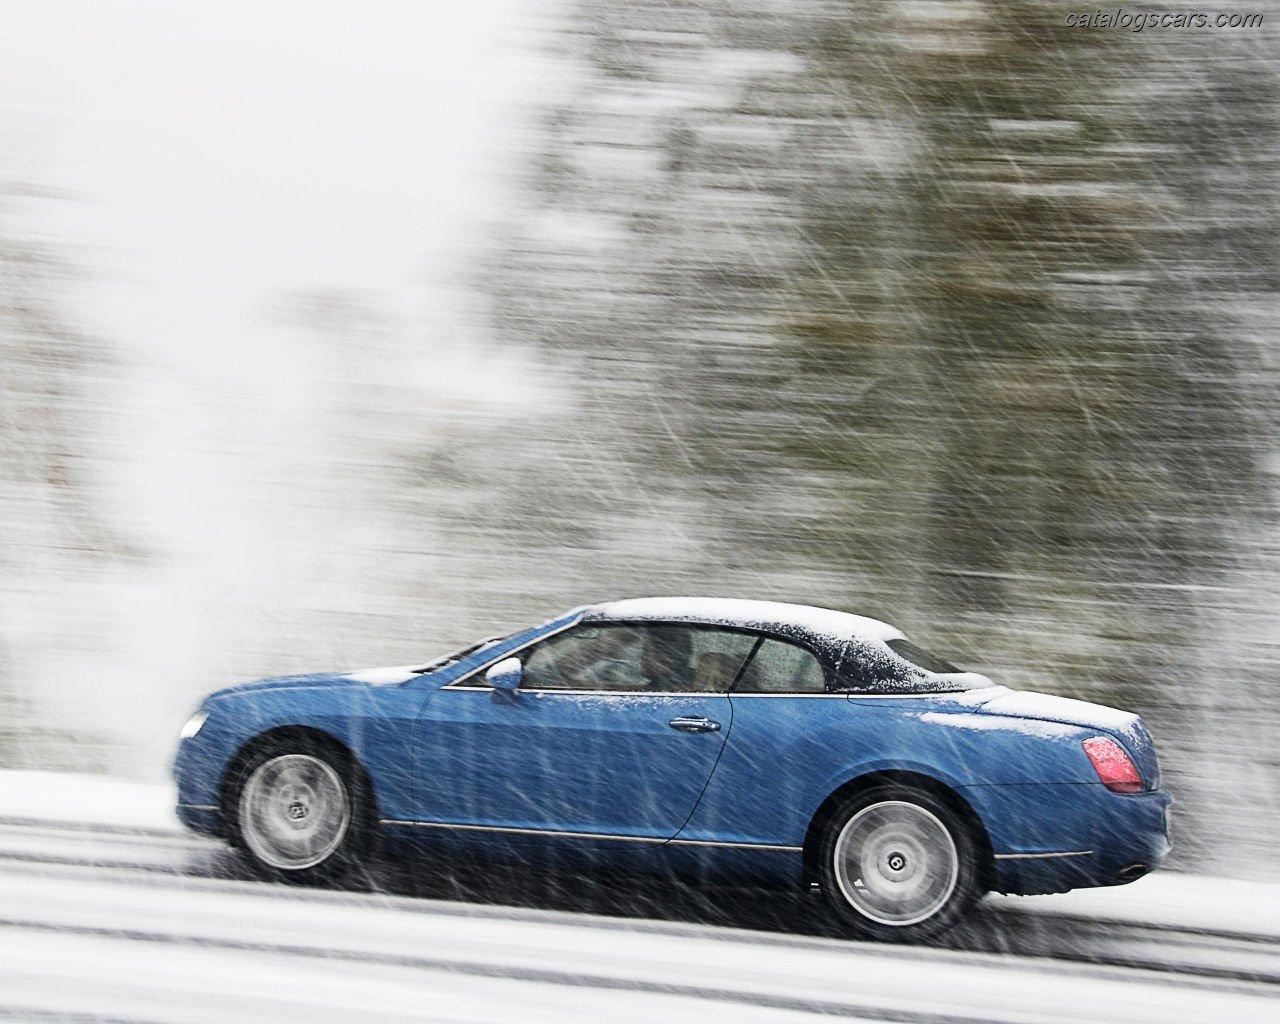 صور سيارة بنتلى كونتيننتال جى تى سى 2012 - اجمل خلفيات صور عربية بنتلى كونتيننتال جى تى سى 2012 - Bentley Continental Gtc Photos Bentley-Continental-Gtc-2011-01.jpg